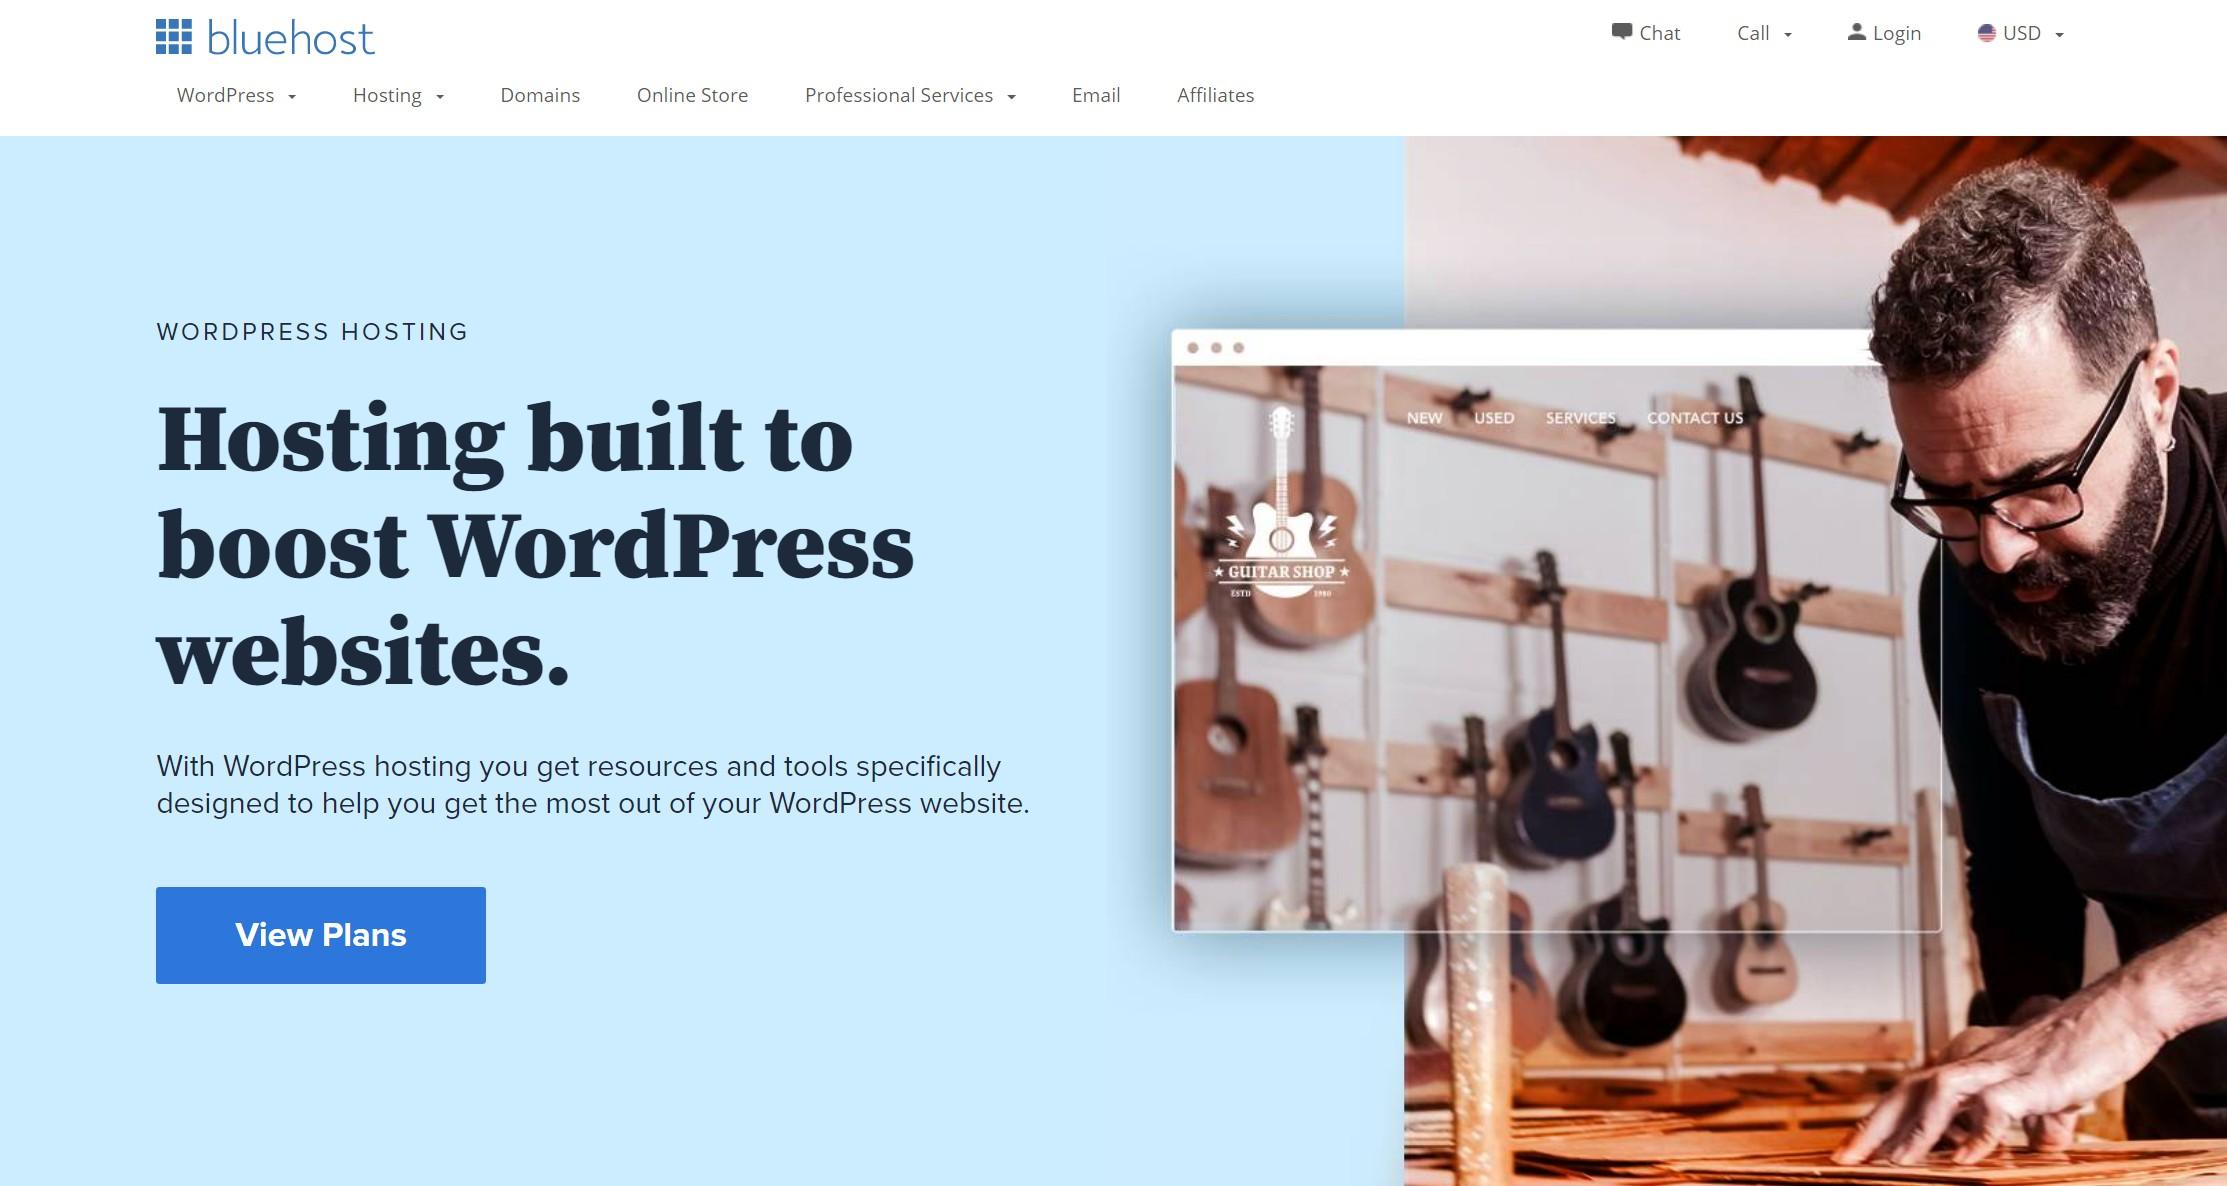 Las mejores 9 opciones de alojamiento de WordPress comparadas (2021) - 1630938221 612 Las mejores 9 opciones de alojamiento de WordPress comparadas 2021